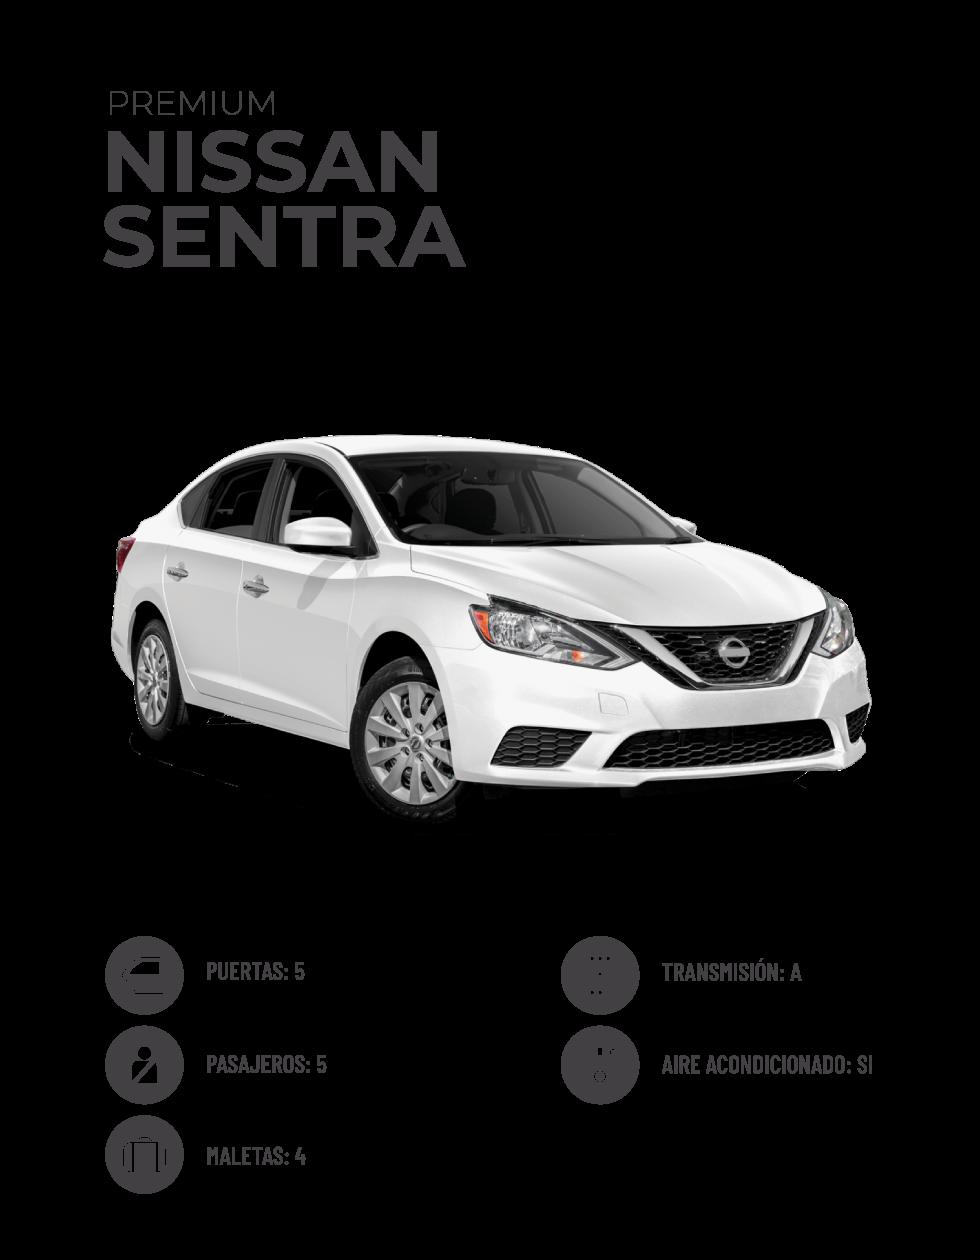 SENTRA-mobile-001